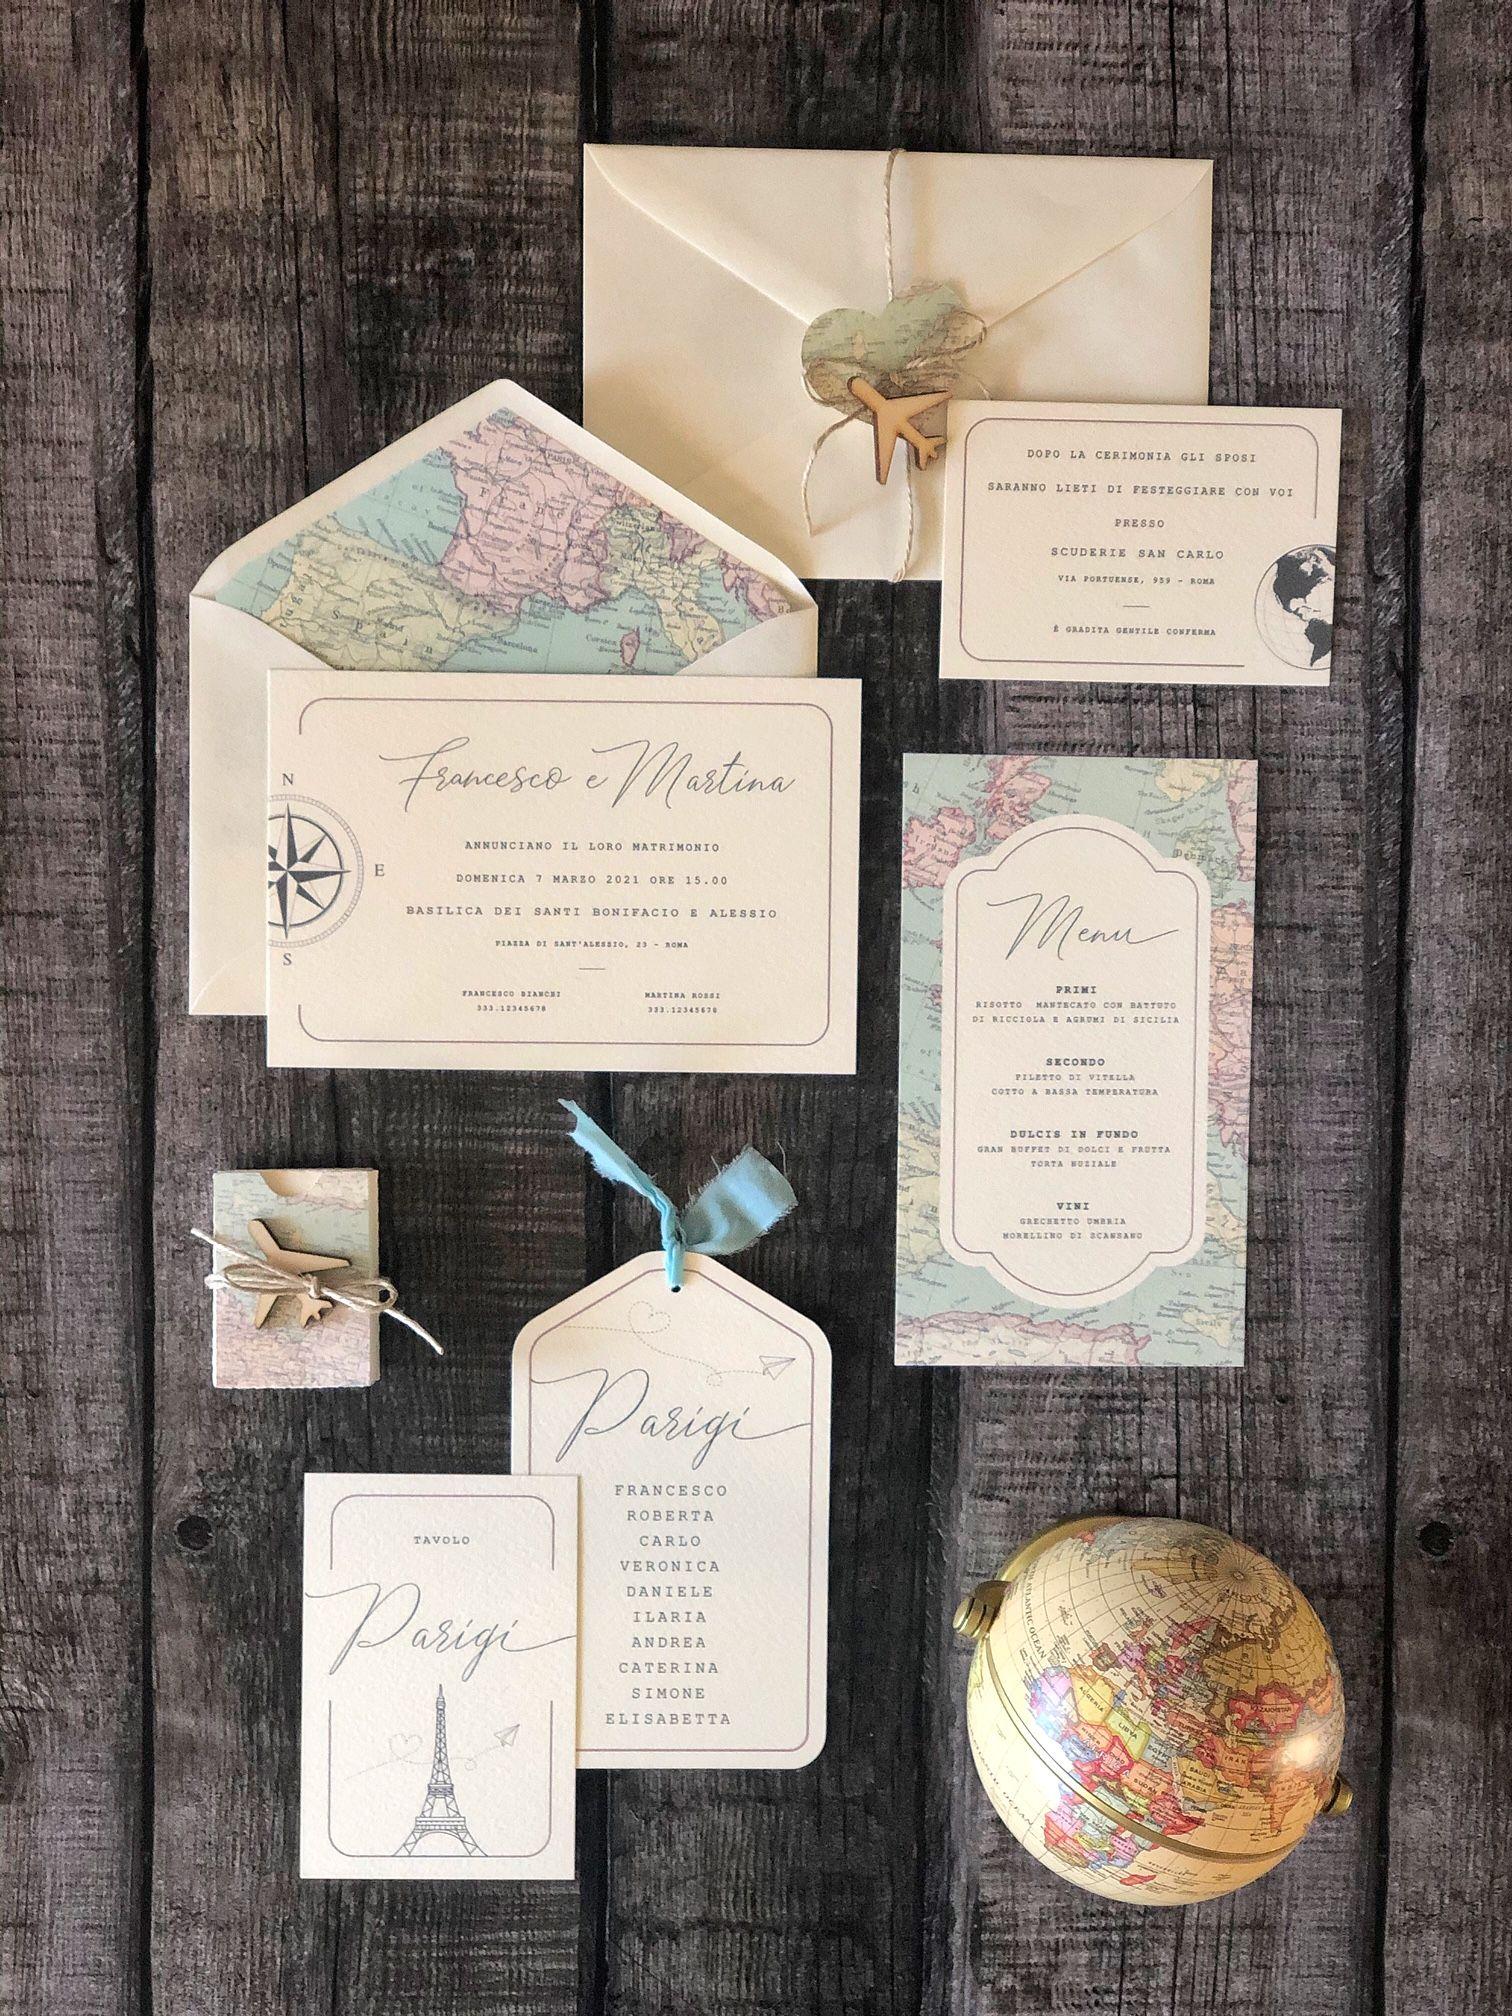 Partecipazione Matrimonio A Tema Viaggio Travel Theme Wedding Invitation Nel 2020 Matrimoni A Tema Viaggio Matrimoni A Tema Matrimonio